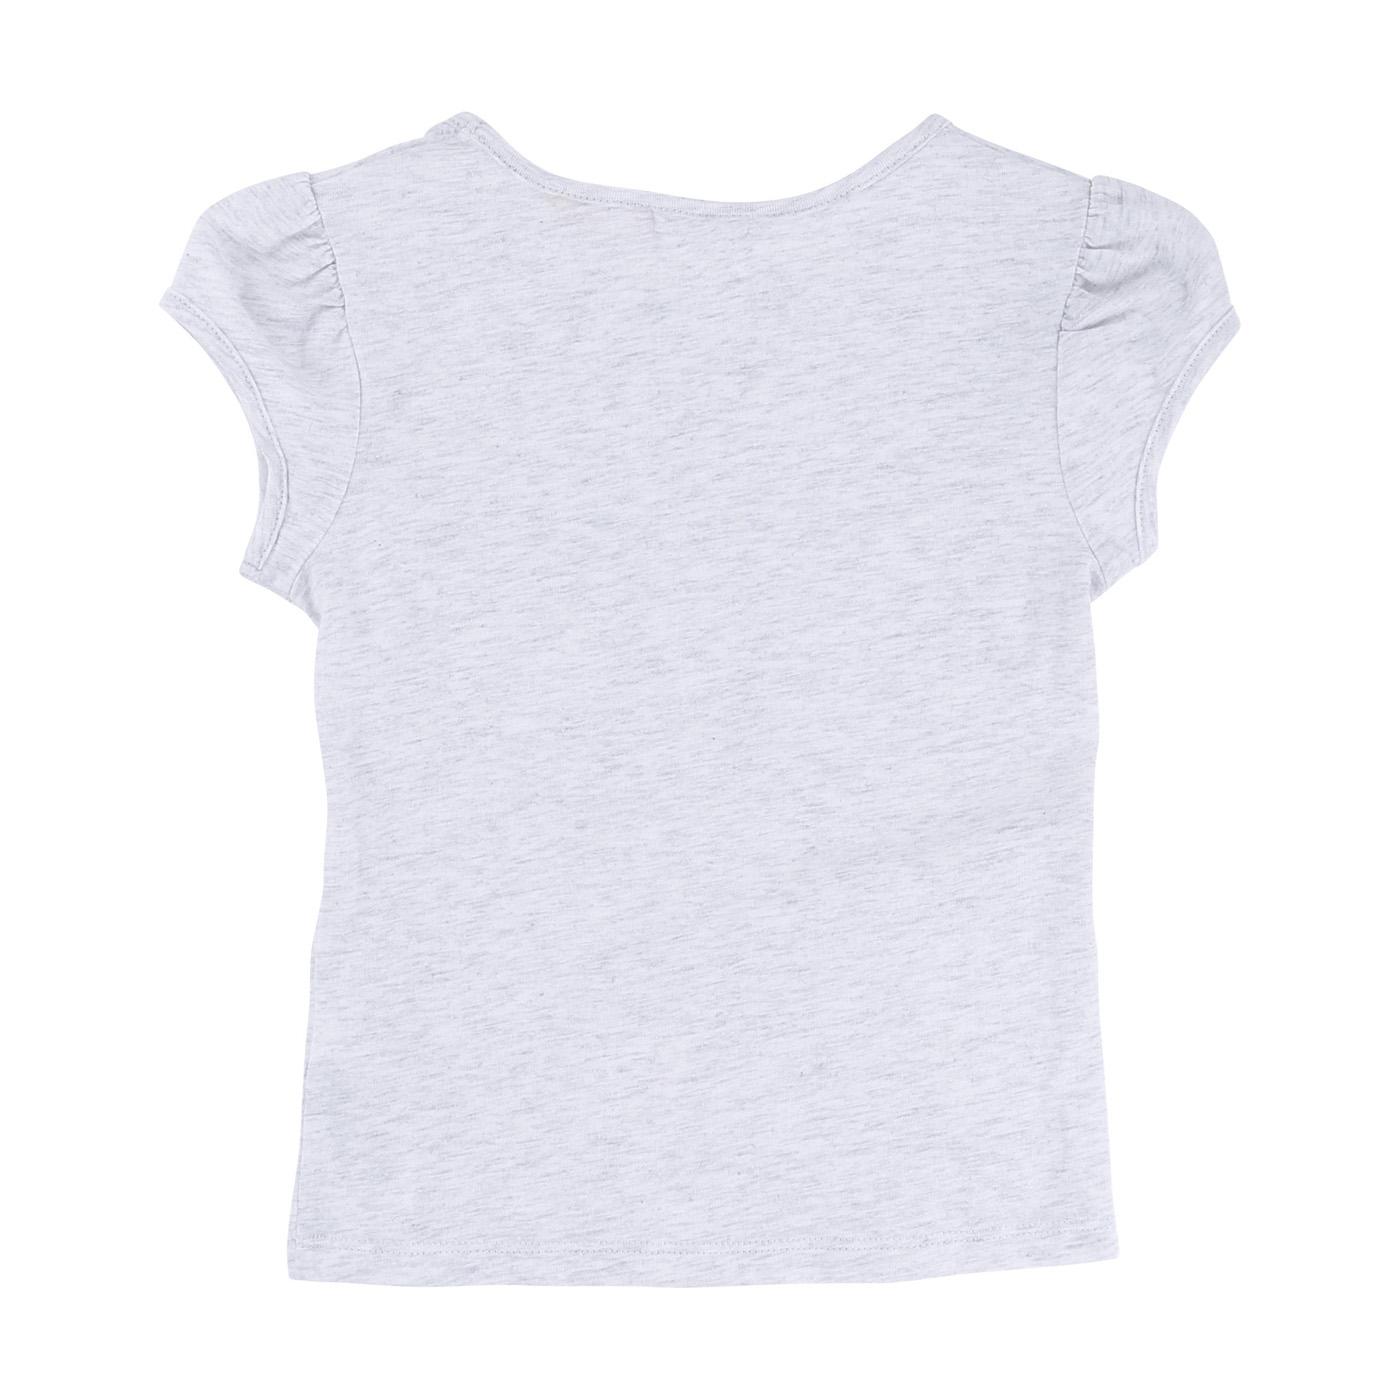 billieblush t shirt apfel lolly pailletten greymelange 86 104 110 116 122 128 ebay. Black Bedroom Furniture Sets. Home Design Ideas